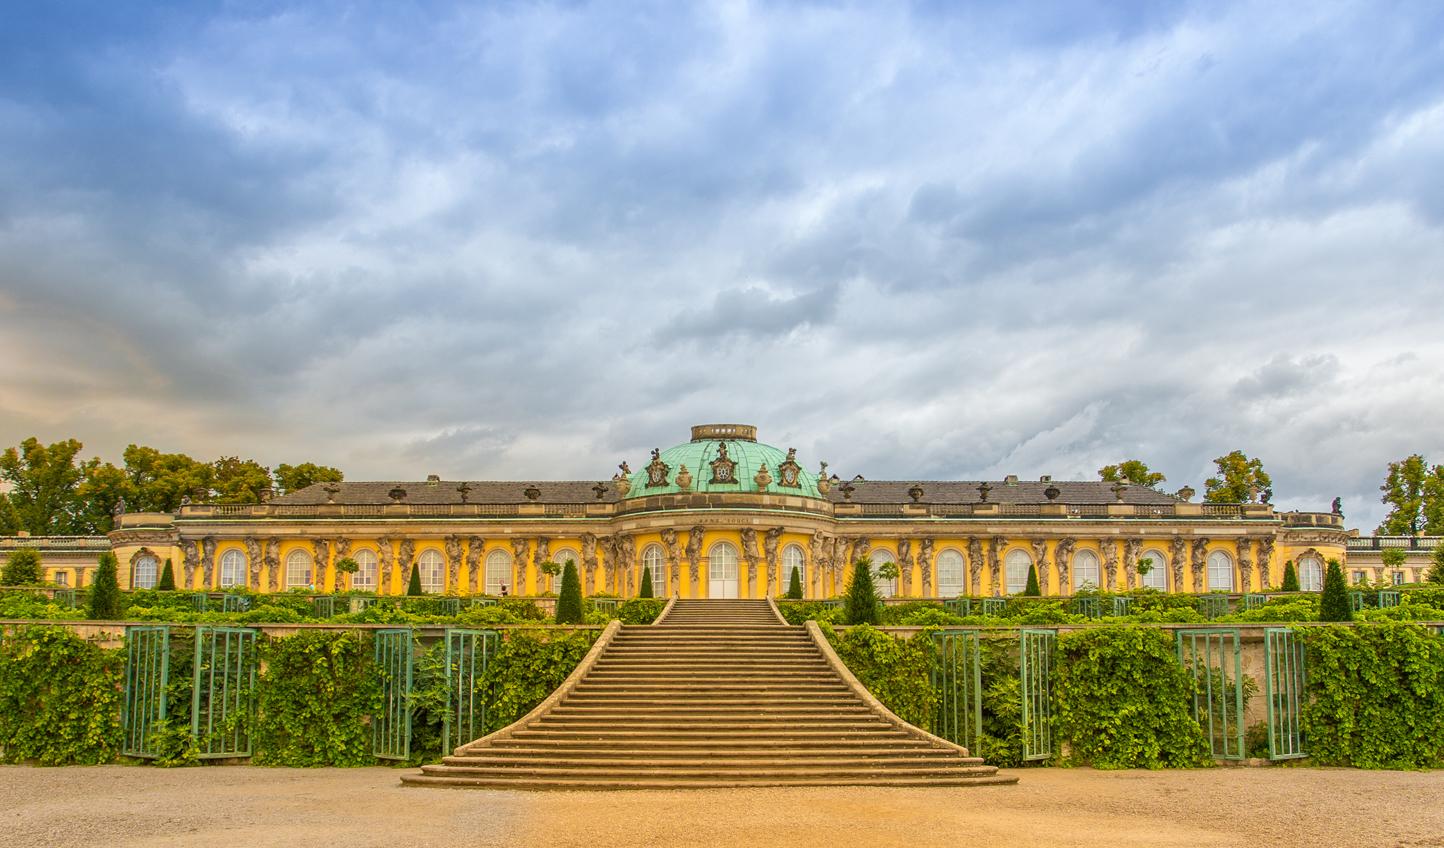 Potsdam's answer to Versailles: Schloss Sanssouci